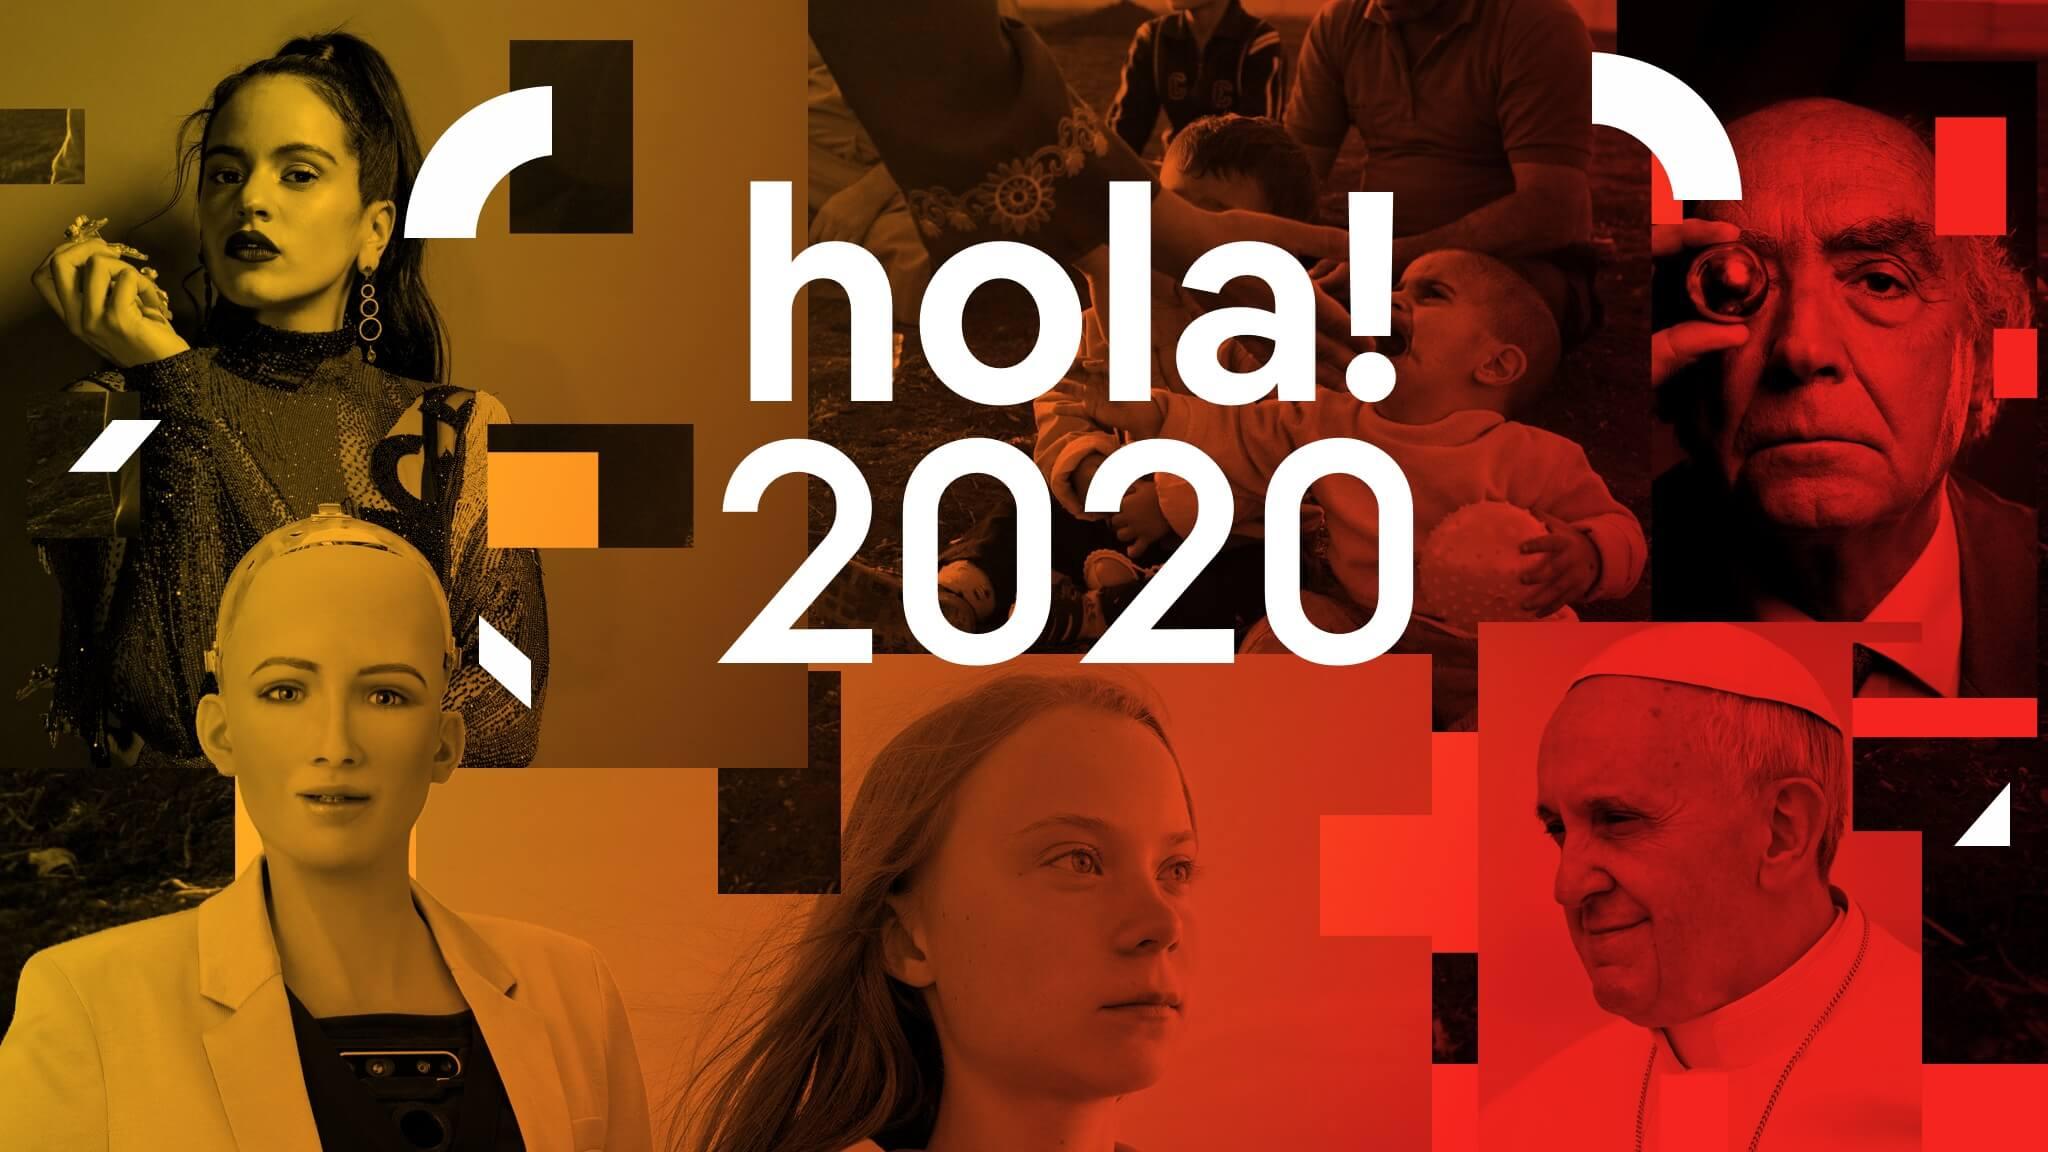 hola! 2020